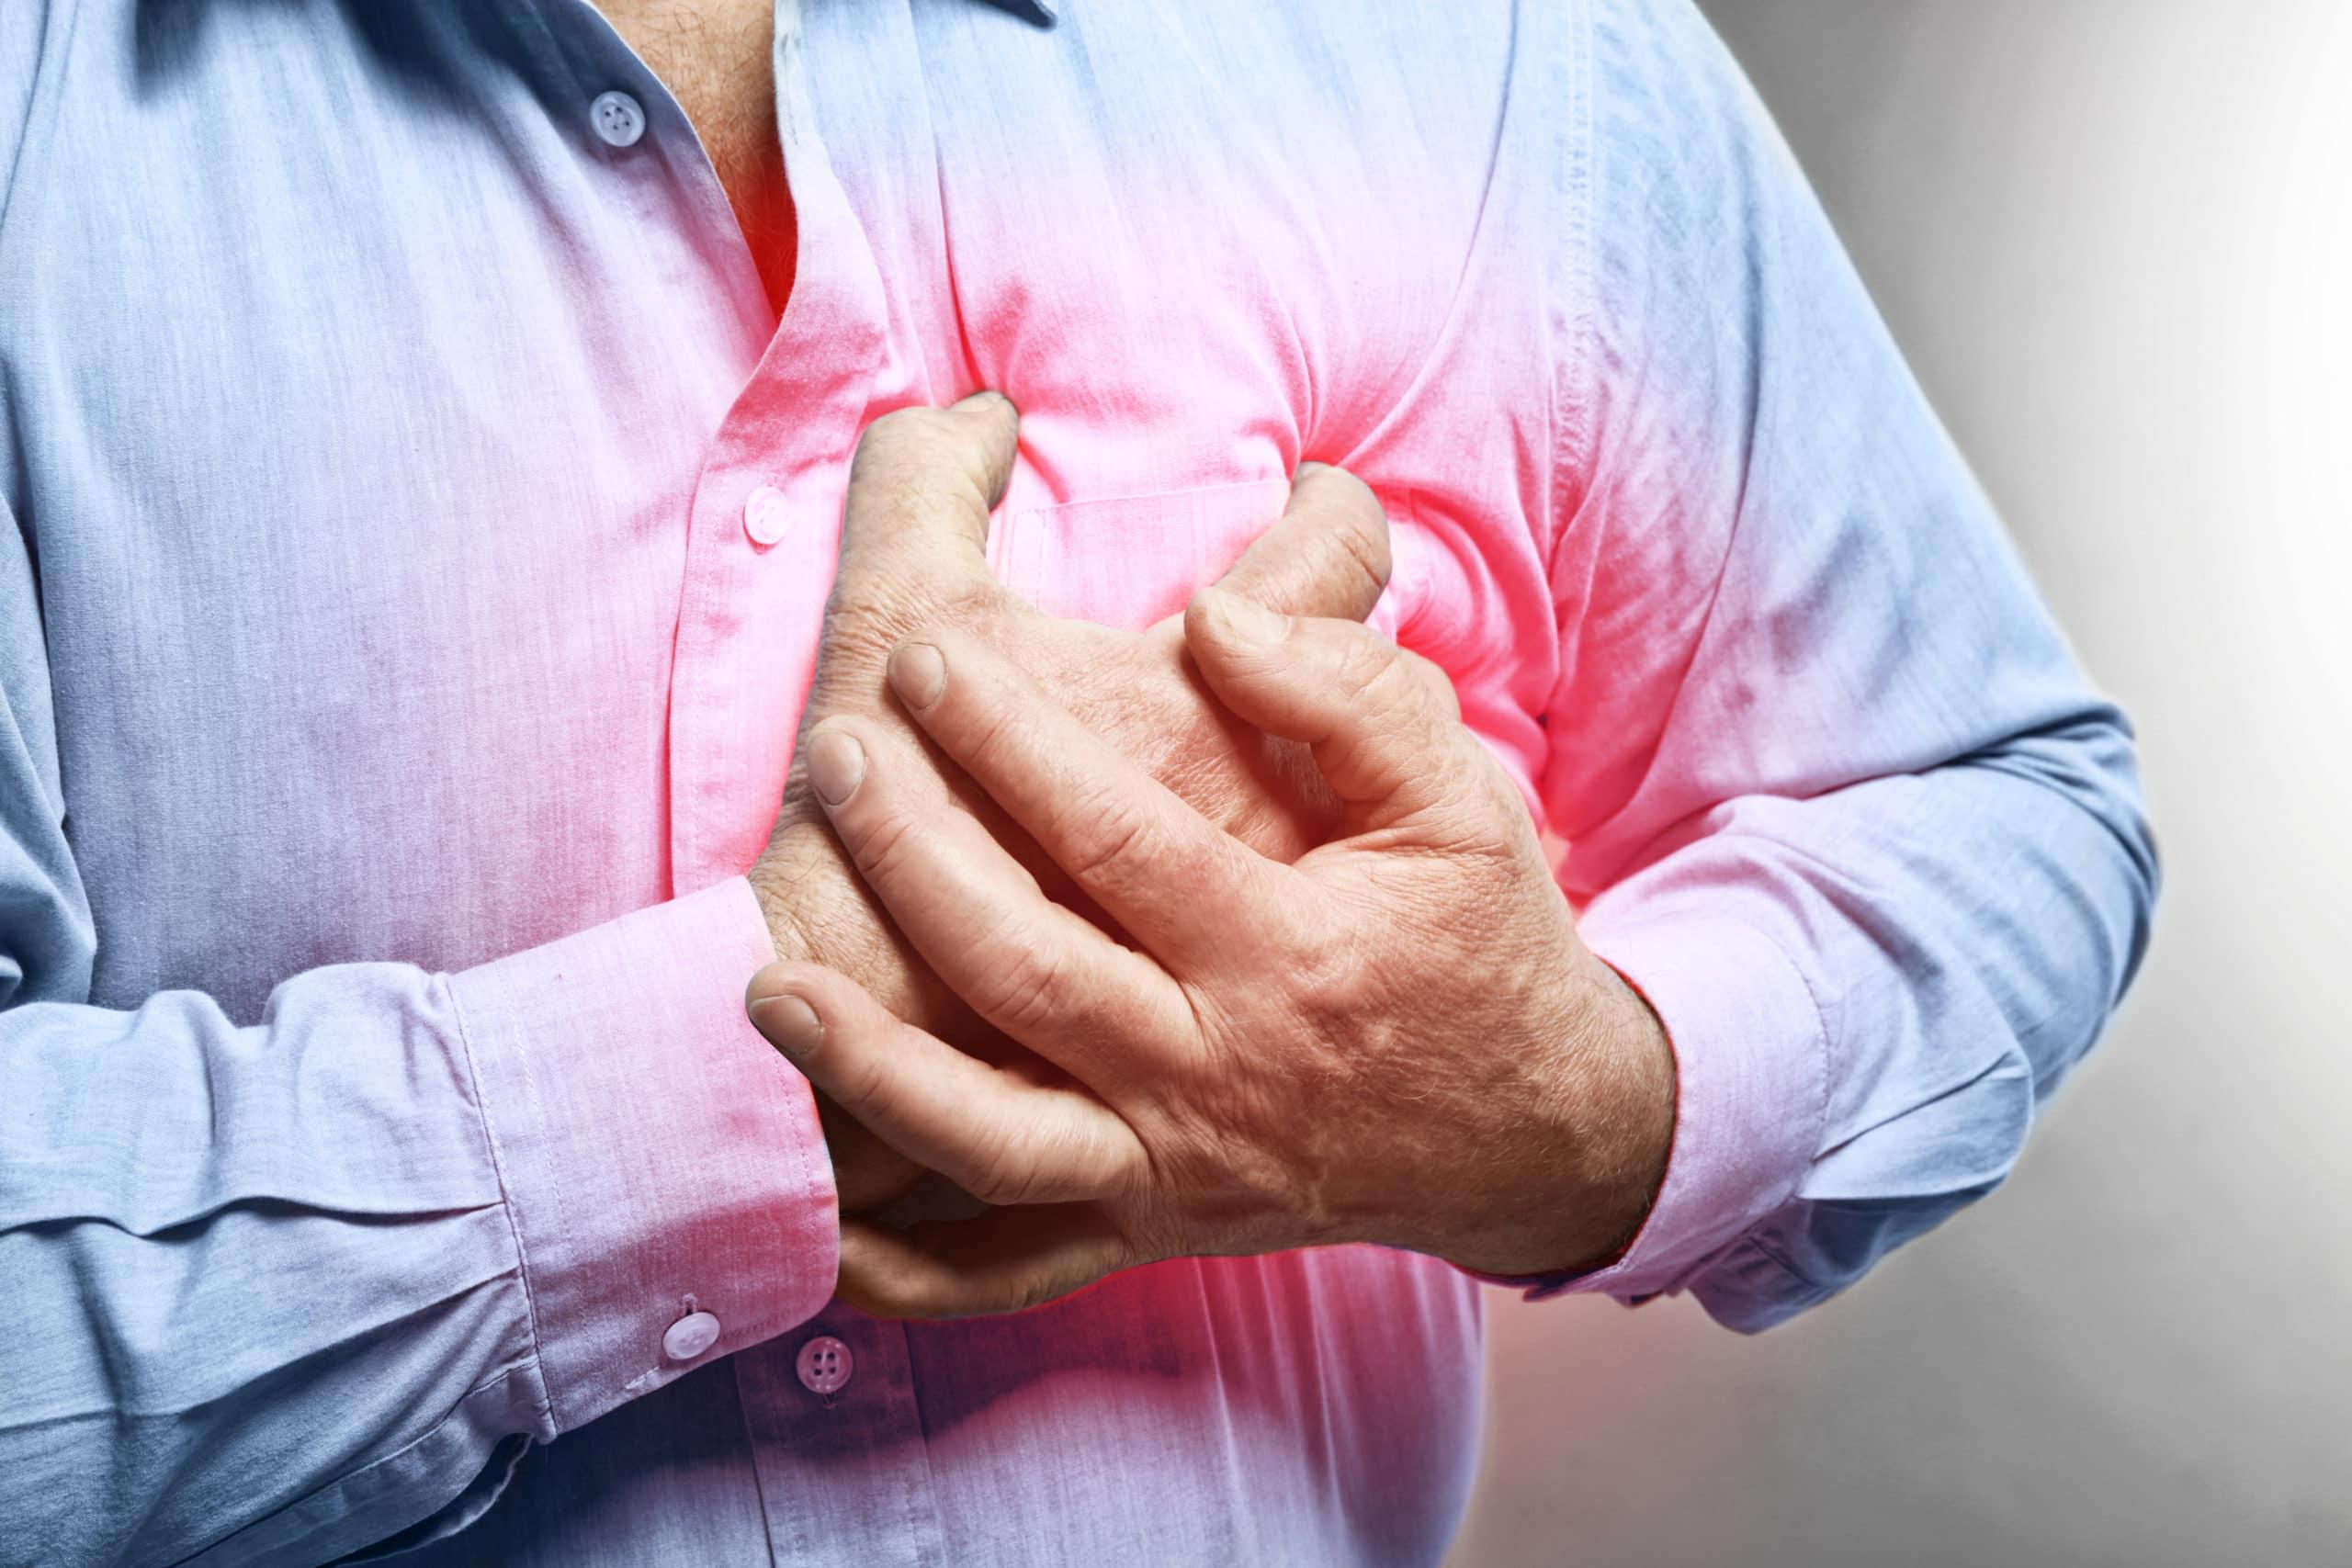 Hartaanval door hoger cholesterol?